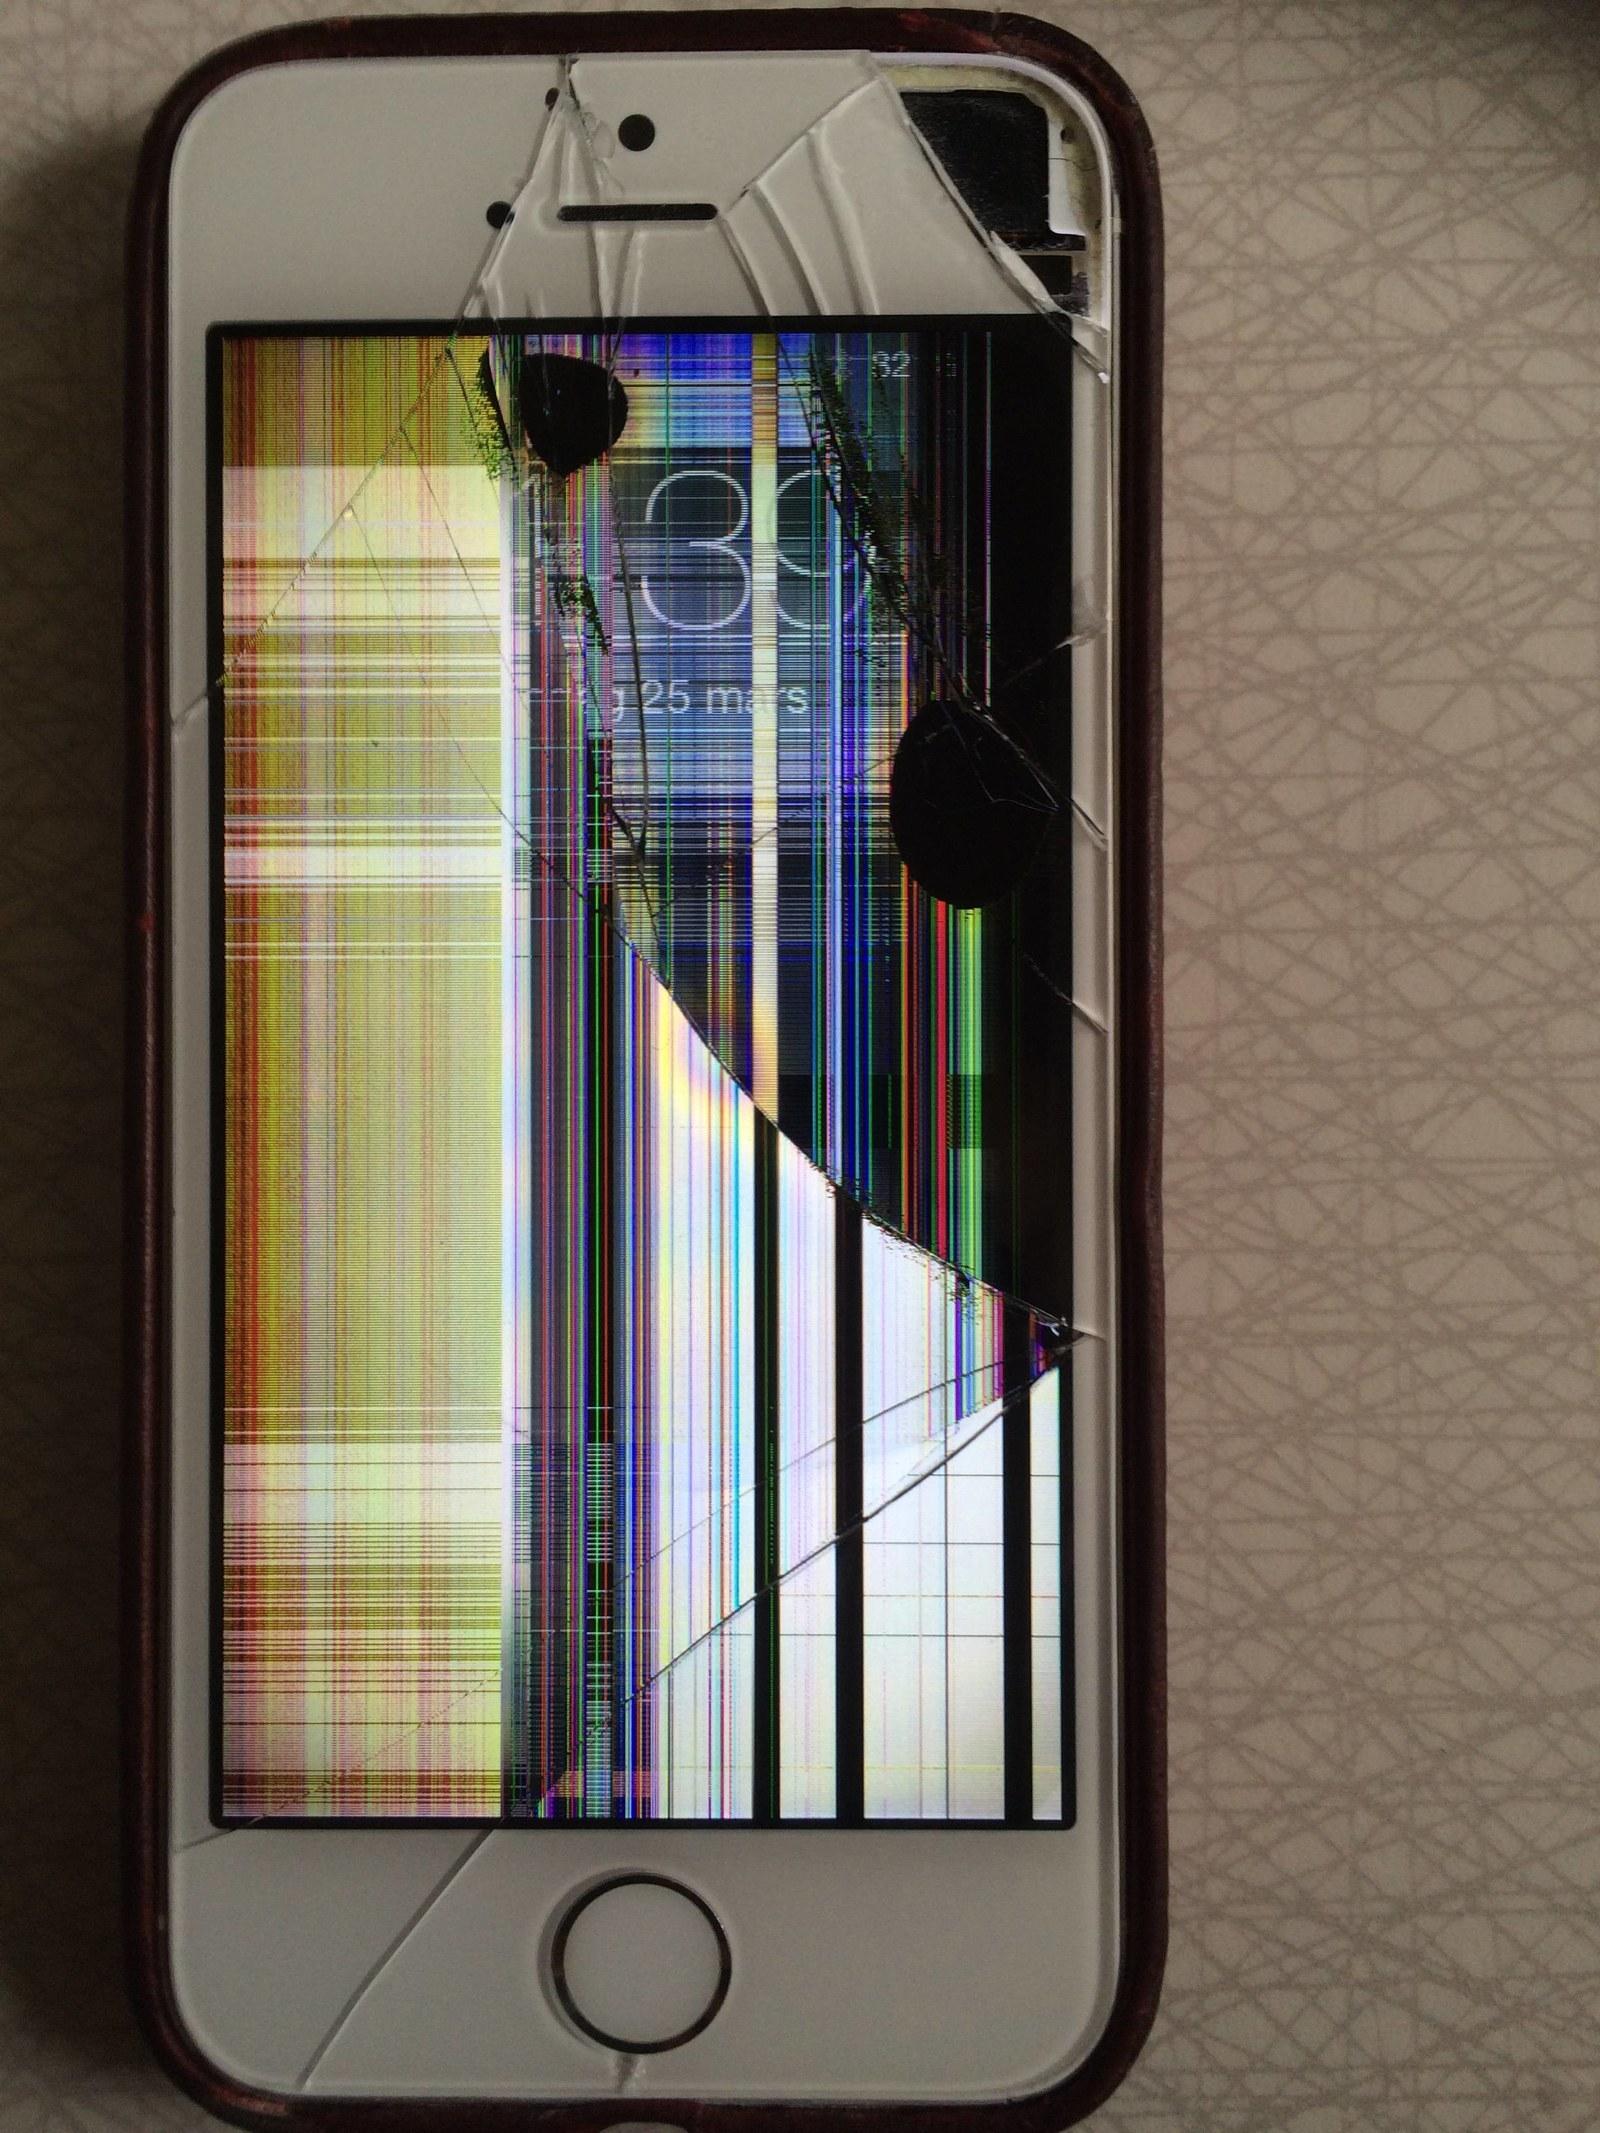 метисация на экране телефона поплыли картинки купить